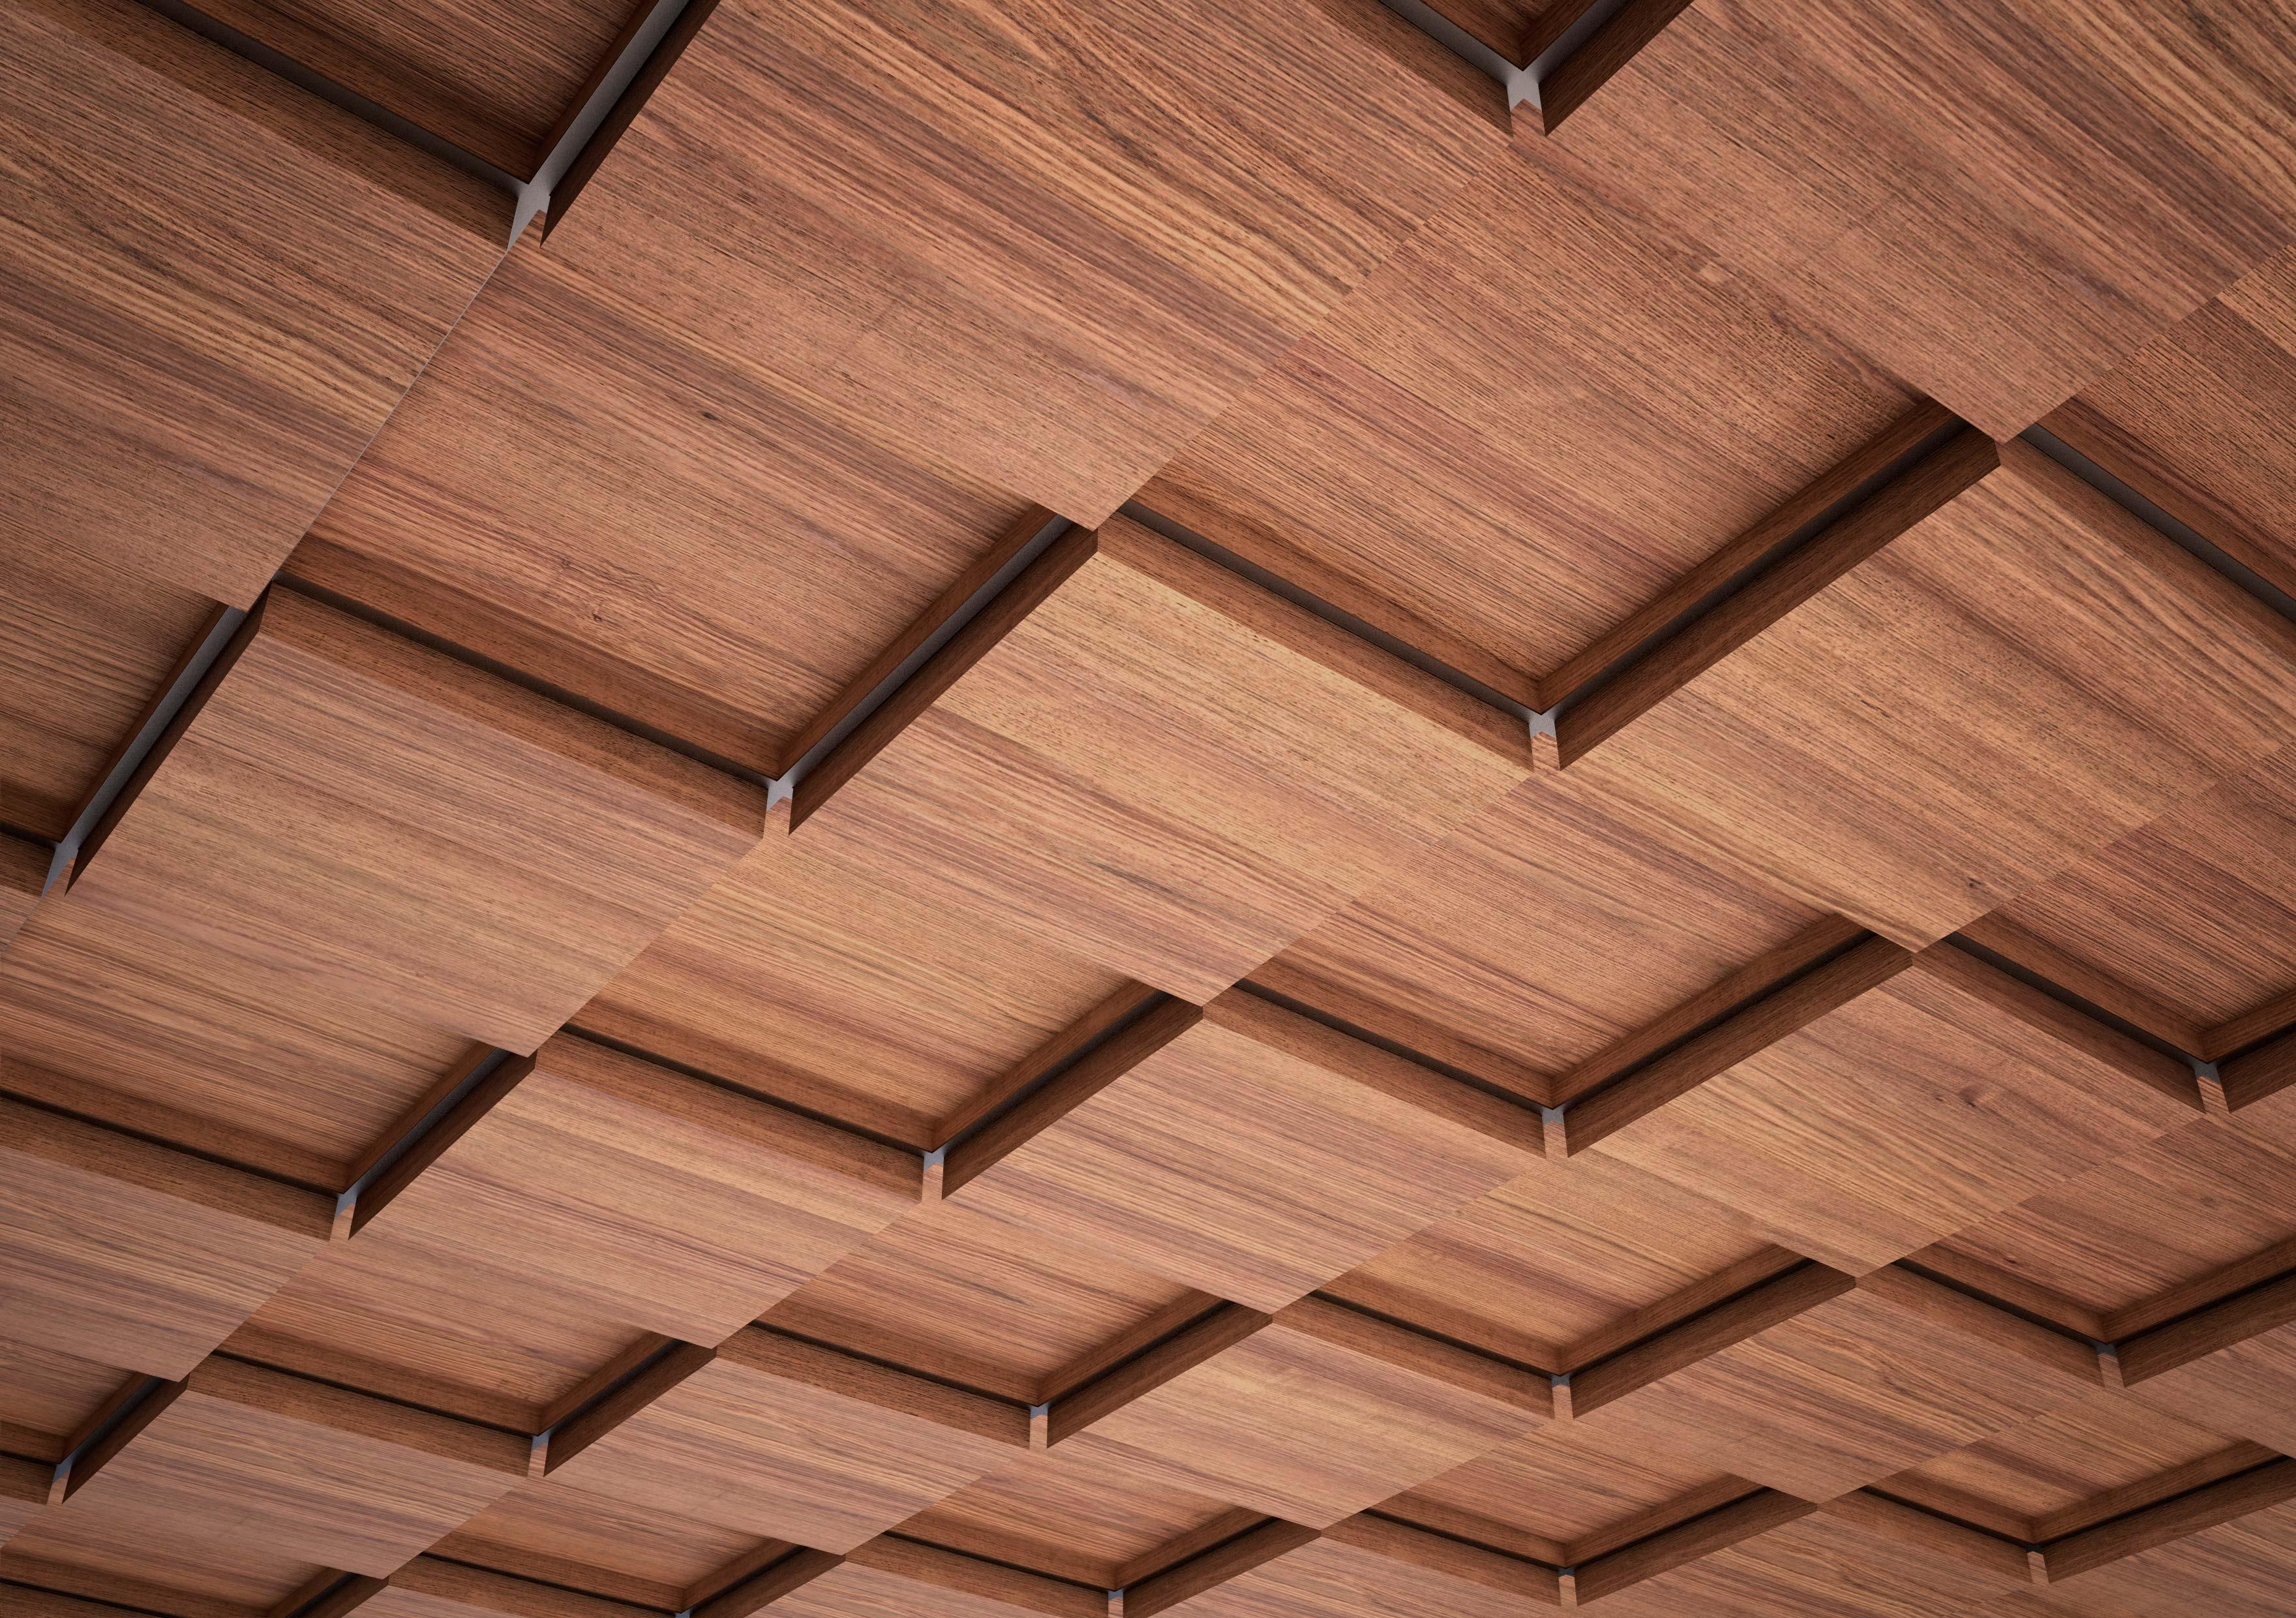 Подвесной потолок грильято: характеристики и свойства